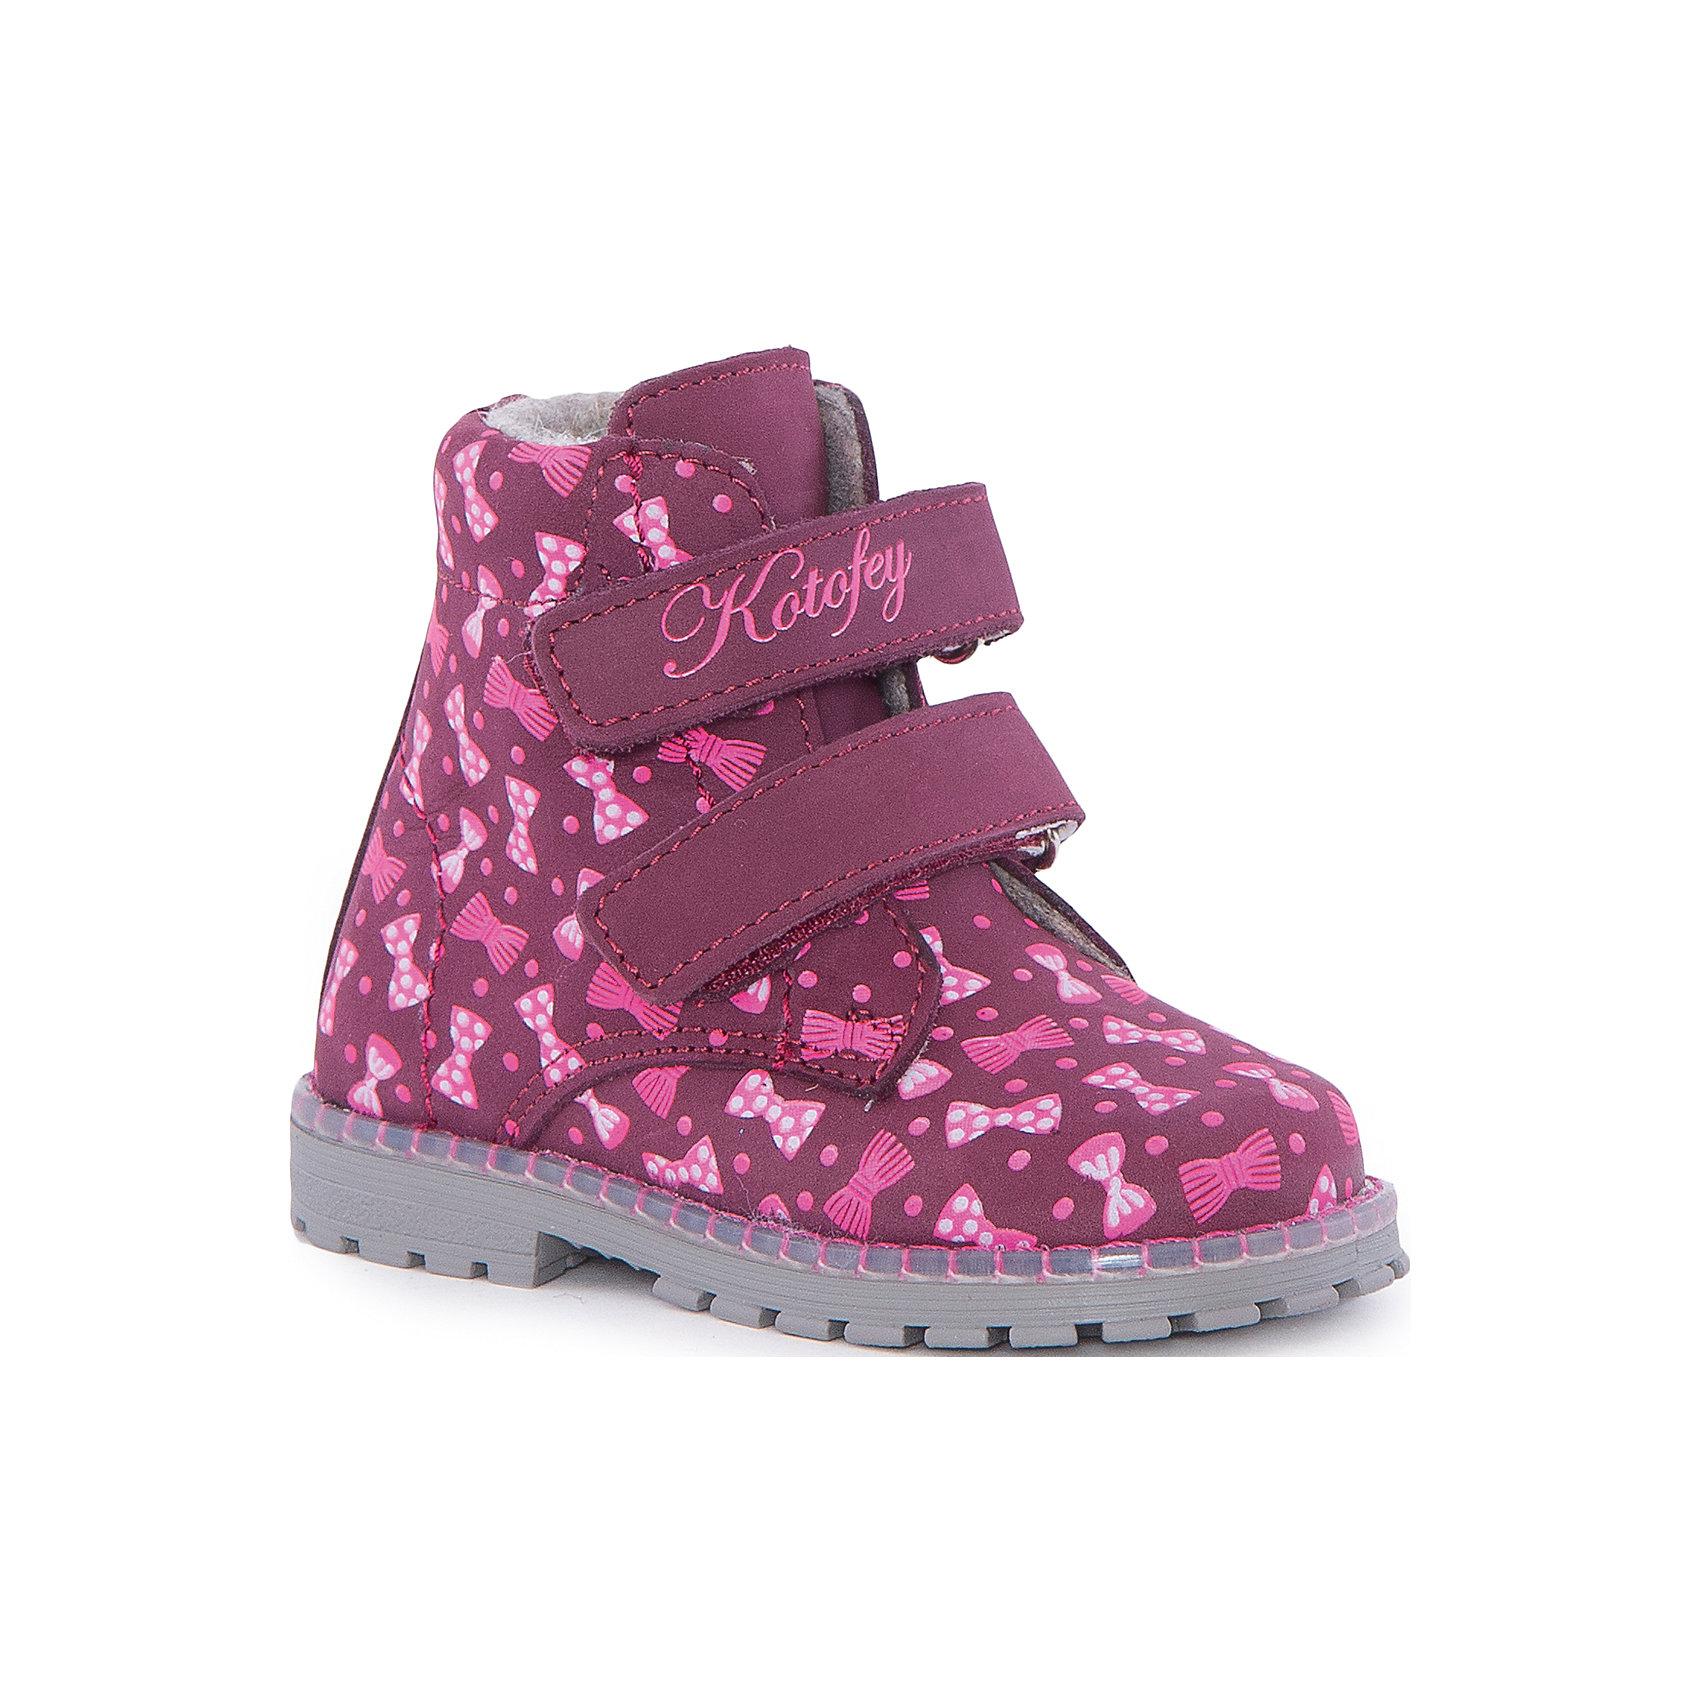 Ботинки для девочки КотофейБотинки для девочки Котофей.<br><br>Характеристики:<br><br>- Внешний материал: натуральная кожа<br>- Внутренний материал: байка<br>- Стелька: войлок<br>- Подошва: ТЭП<br>- Тип застежки: липучки<br>- Вид крепления обуви: клеевой<br>- Температурный режим до -10С<br>- Цвет: бордовый<br>- Сезон: весна, осень<br>- Пол: для девочек<br><br>Ботинки для девочки бордового цвета торговой марки Котофей - идеальная обувь для межсезонья. Верх модели выполнен полностью из дышащей натуральной кожи, которая обладает гидрофобными свойствами. Подкладка – утеплённая, из полушерстяной байки. Дополнительную защиту от прохлады придаёт войлочная стелька, которую можно вытащить для просушки, воспользовавшись специальной петлёй. Сверху модели имеется мягкий манжет, обеспечивающий удобство при ходьбе и предотвращающий натирание ноги. Гибкая, широкая, клеевая подошва с рельефным протектором обеспечит превосходное сцепление с поверхностью. Она выполнена из термоэластопласта (ТЭП) – пластичного материала, отлично амортизирующего при шаге и не теряющего своих свойств при понижении температур. На ноге модель фиксируется с помощью двух ремешков с липучками, что придаёт ей максимальную раскрываемость (особенно для ножек с высоким подъёмом). Дизайн соответствует как европейским тенденциям, так и учитывает положительный опыт отечественного производства, что придаёт этой модели эффектный внешний вид. Детская обувь «Котофей» качественна, красива, добротна, комфортна и долговечна. Она производится на Егорьевской обувной фабрике. Жесткий контроль производства и постоянное совершенствование технологий при многолетнем опыте позволяют считать компанию одним из лидеров среди отечественных производителей детской обуви.<br><br>Ботинки для девочки Котофей можно купить в нашем интернет-магазине.<br><br>Ширина мм: 262<br>Глубина мм: 176<br>Высота мм: 97<br>Вес г: 427<br>Цвет: бордовый<br>Возраст от месяцев: 12<br>Возраст до месяцев: 15<br>Пол: Женский<br>Возраст: Детский<br>Размер: 21,22